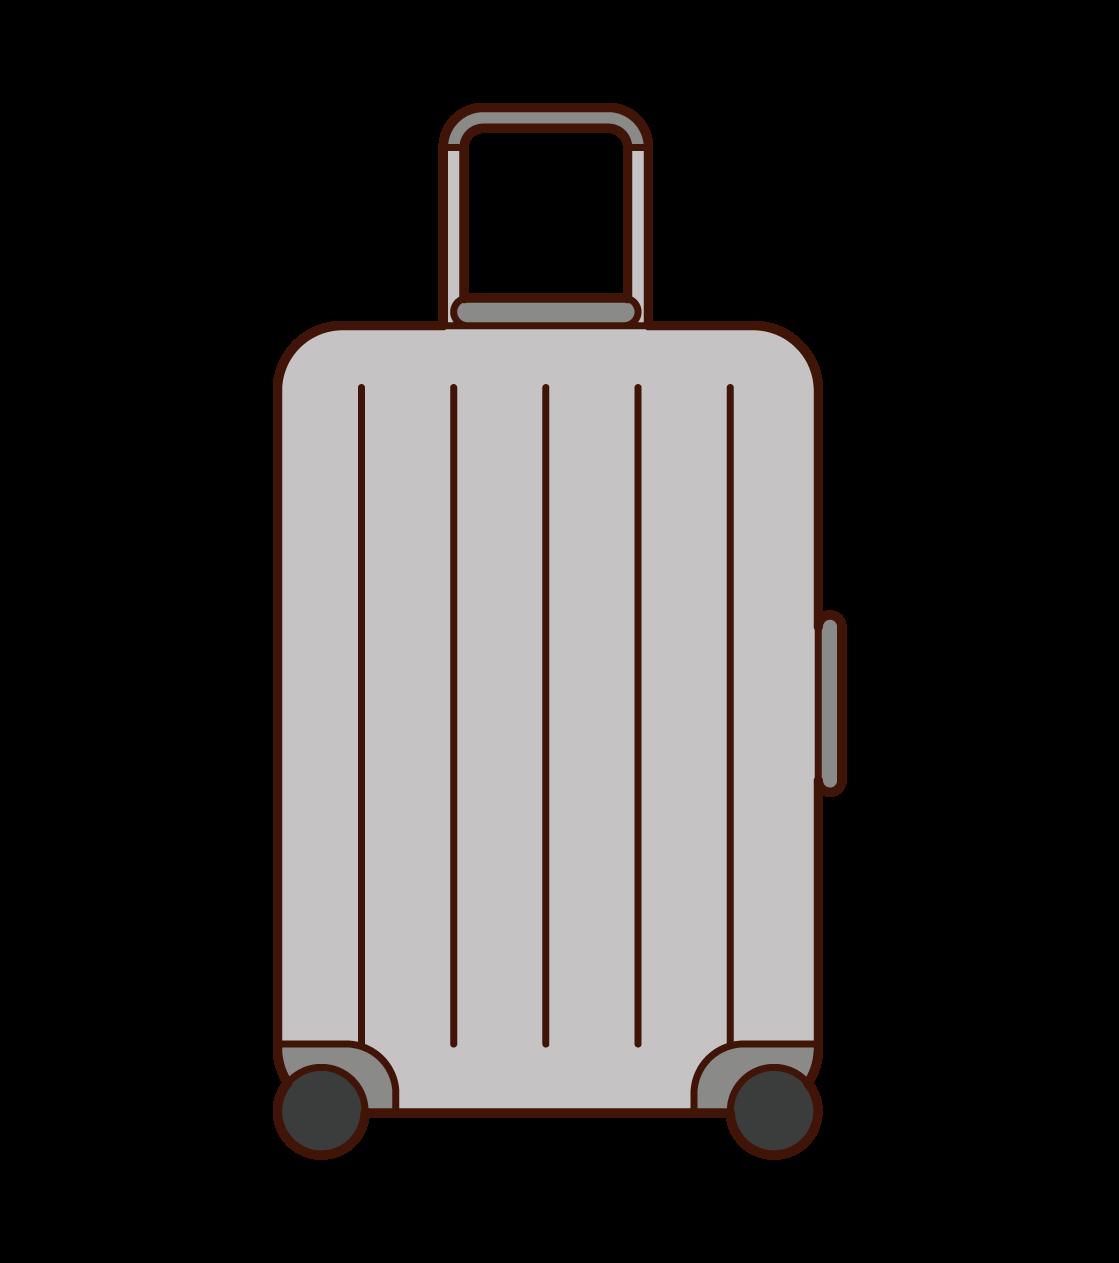 スーツケース・キャリーケースのイラスト